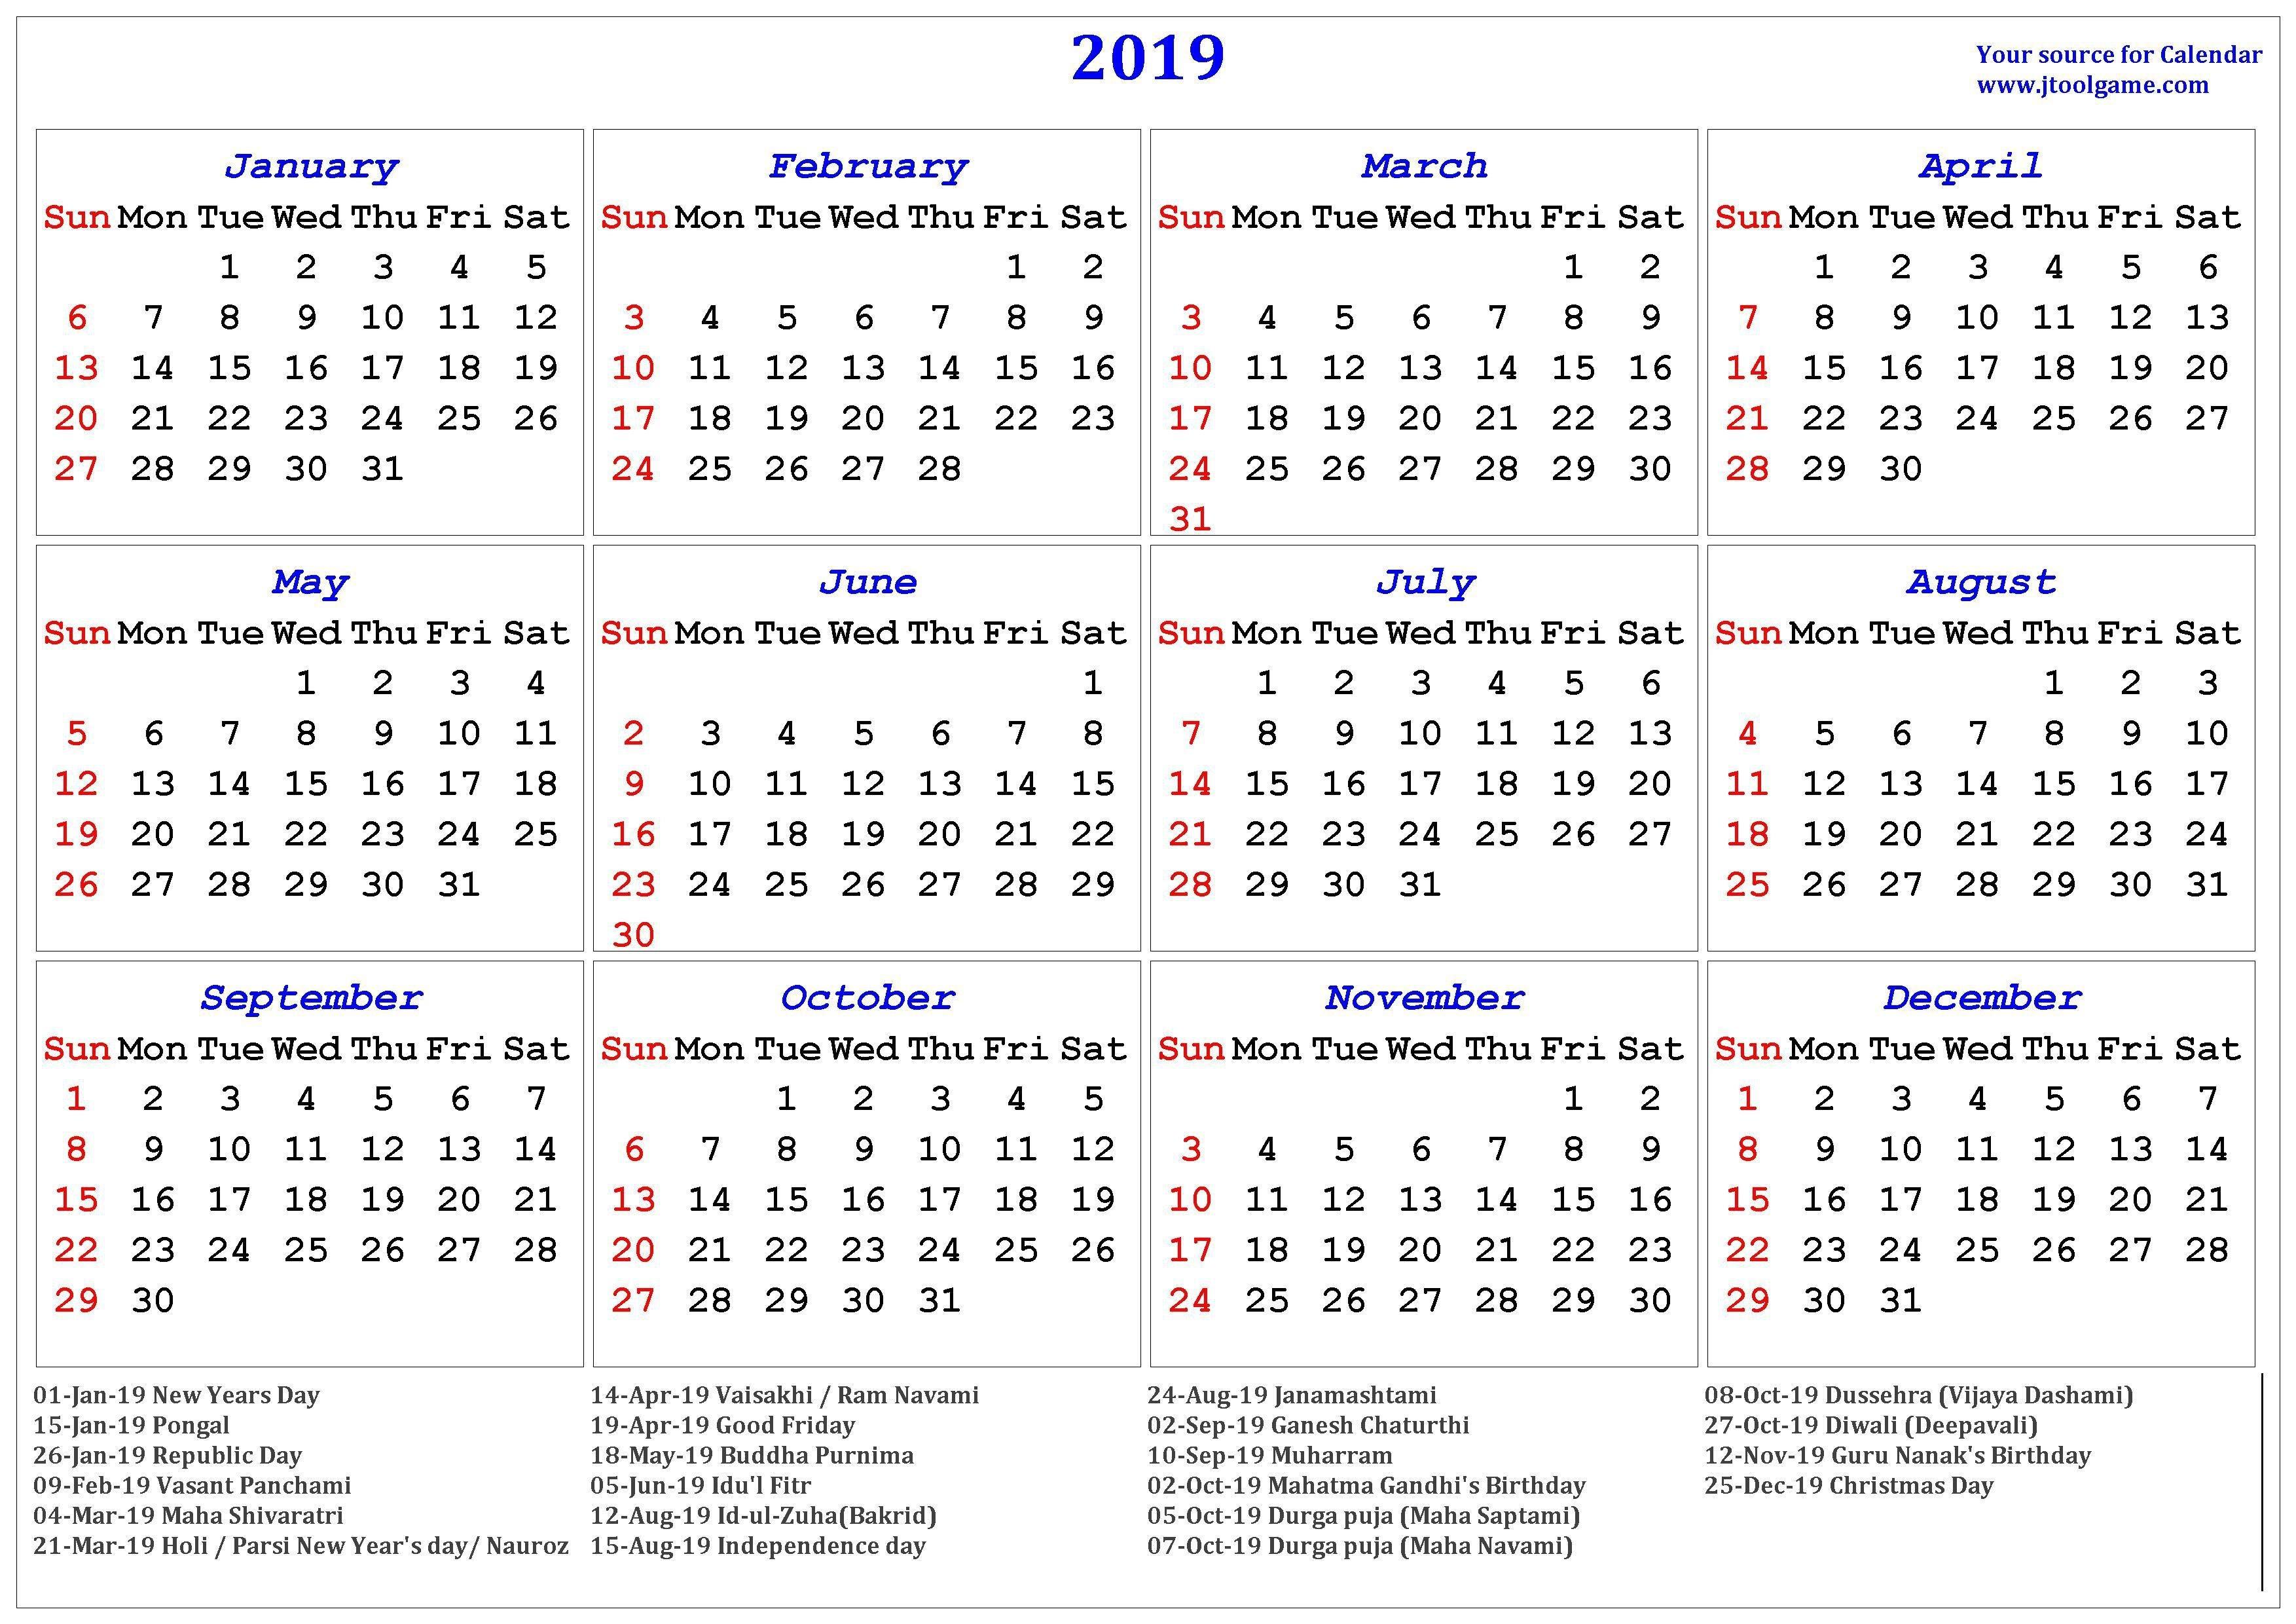 2019 Hindu Calendar With Tithi   Tyohar, Holidays, Festivals Calendar 2019 Hindu